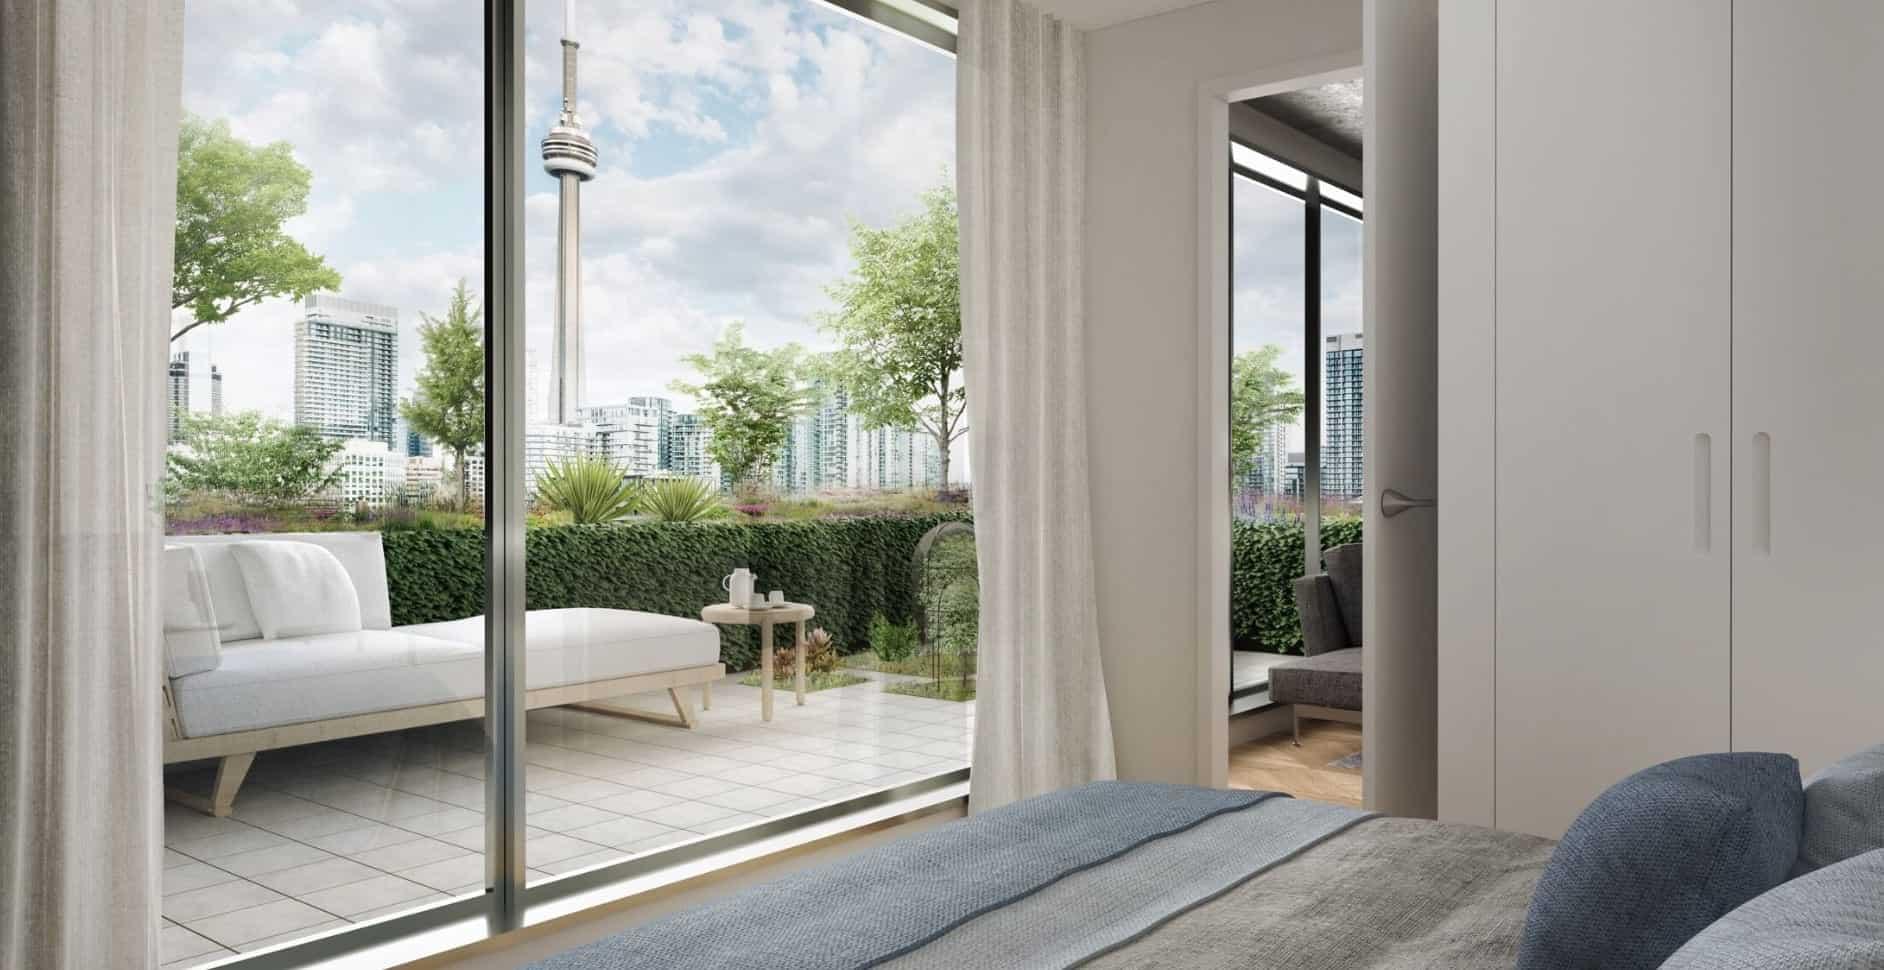 King Toronto Condos Interior Suite View True Condos